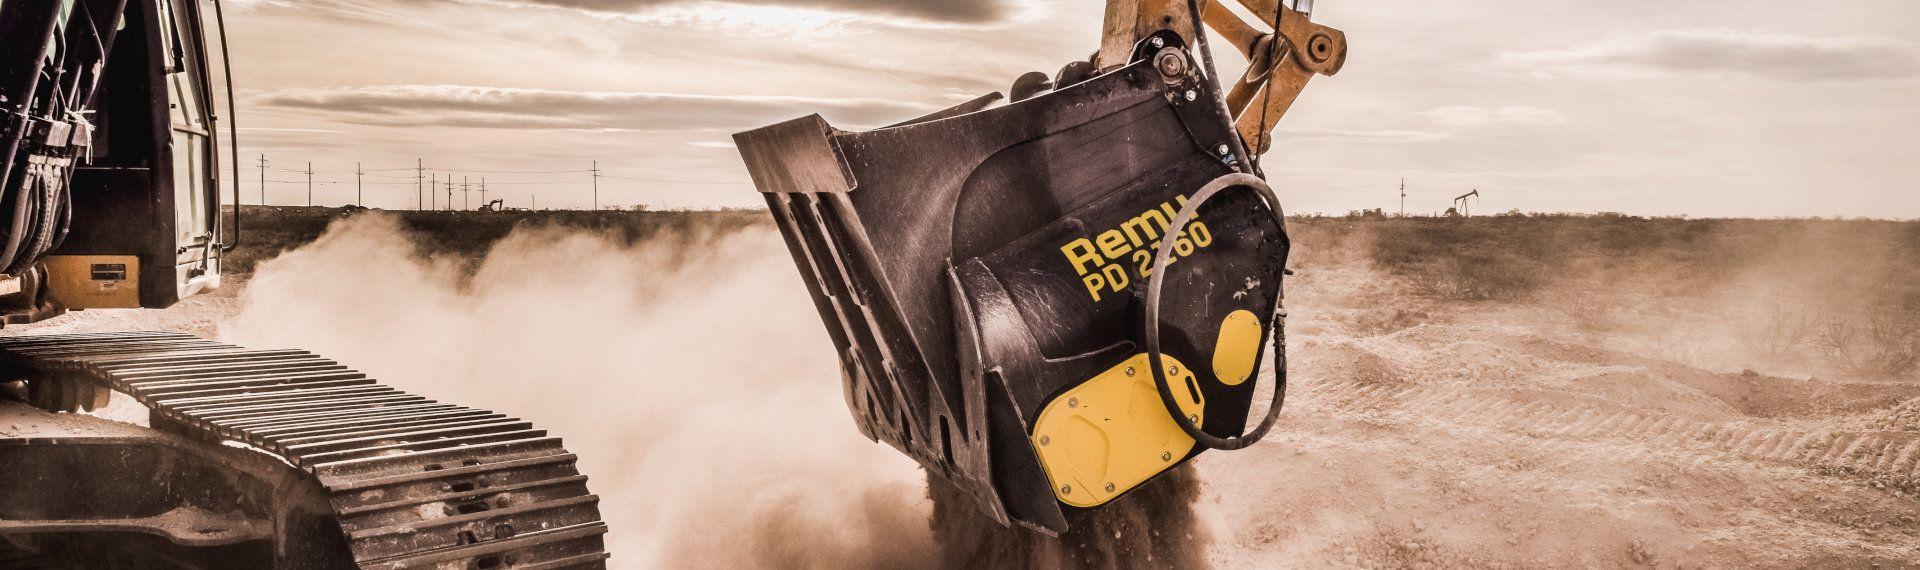 過酷な環境で威力を発揮するRemu社製ふるいバケット